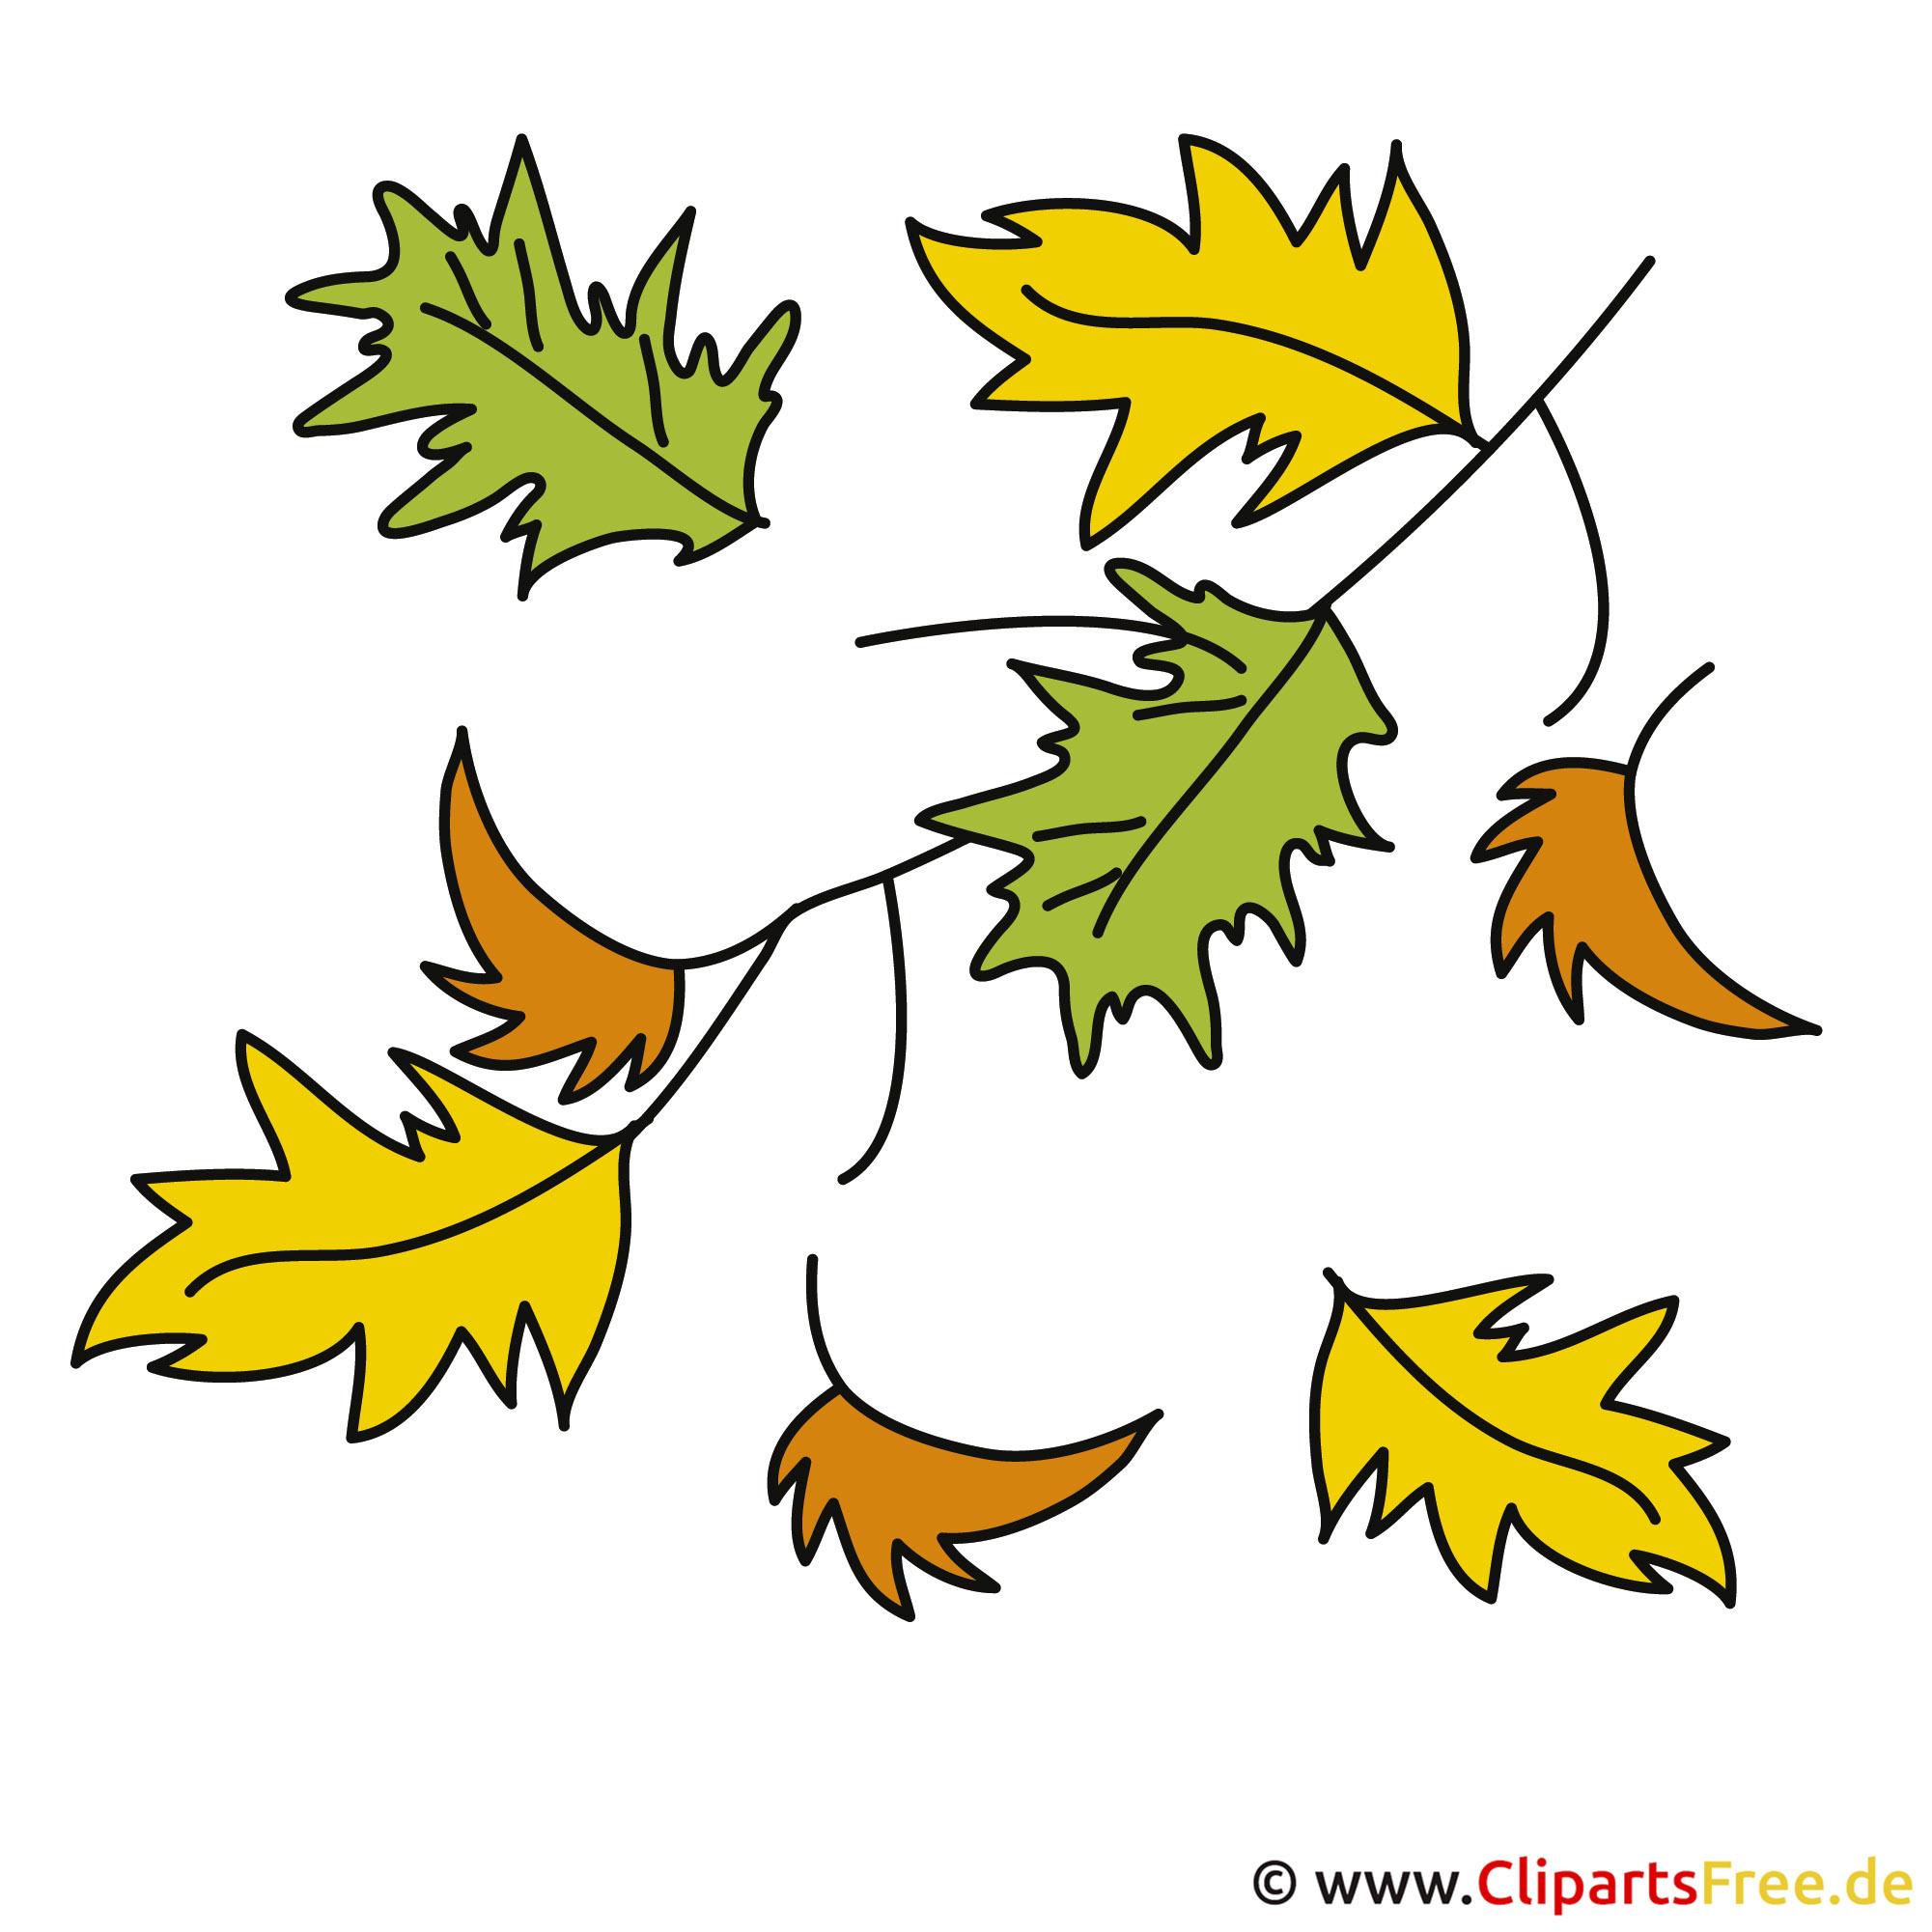 Herbst Bilder Eichenblatt Clip Art